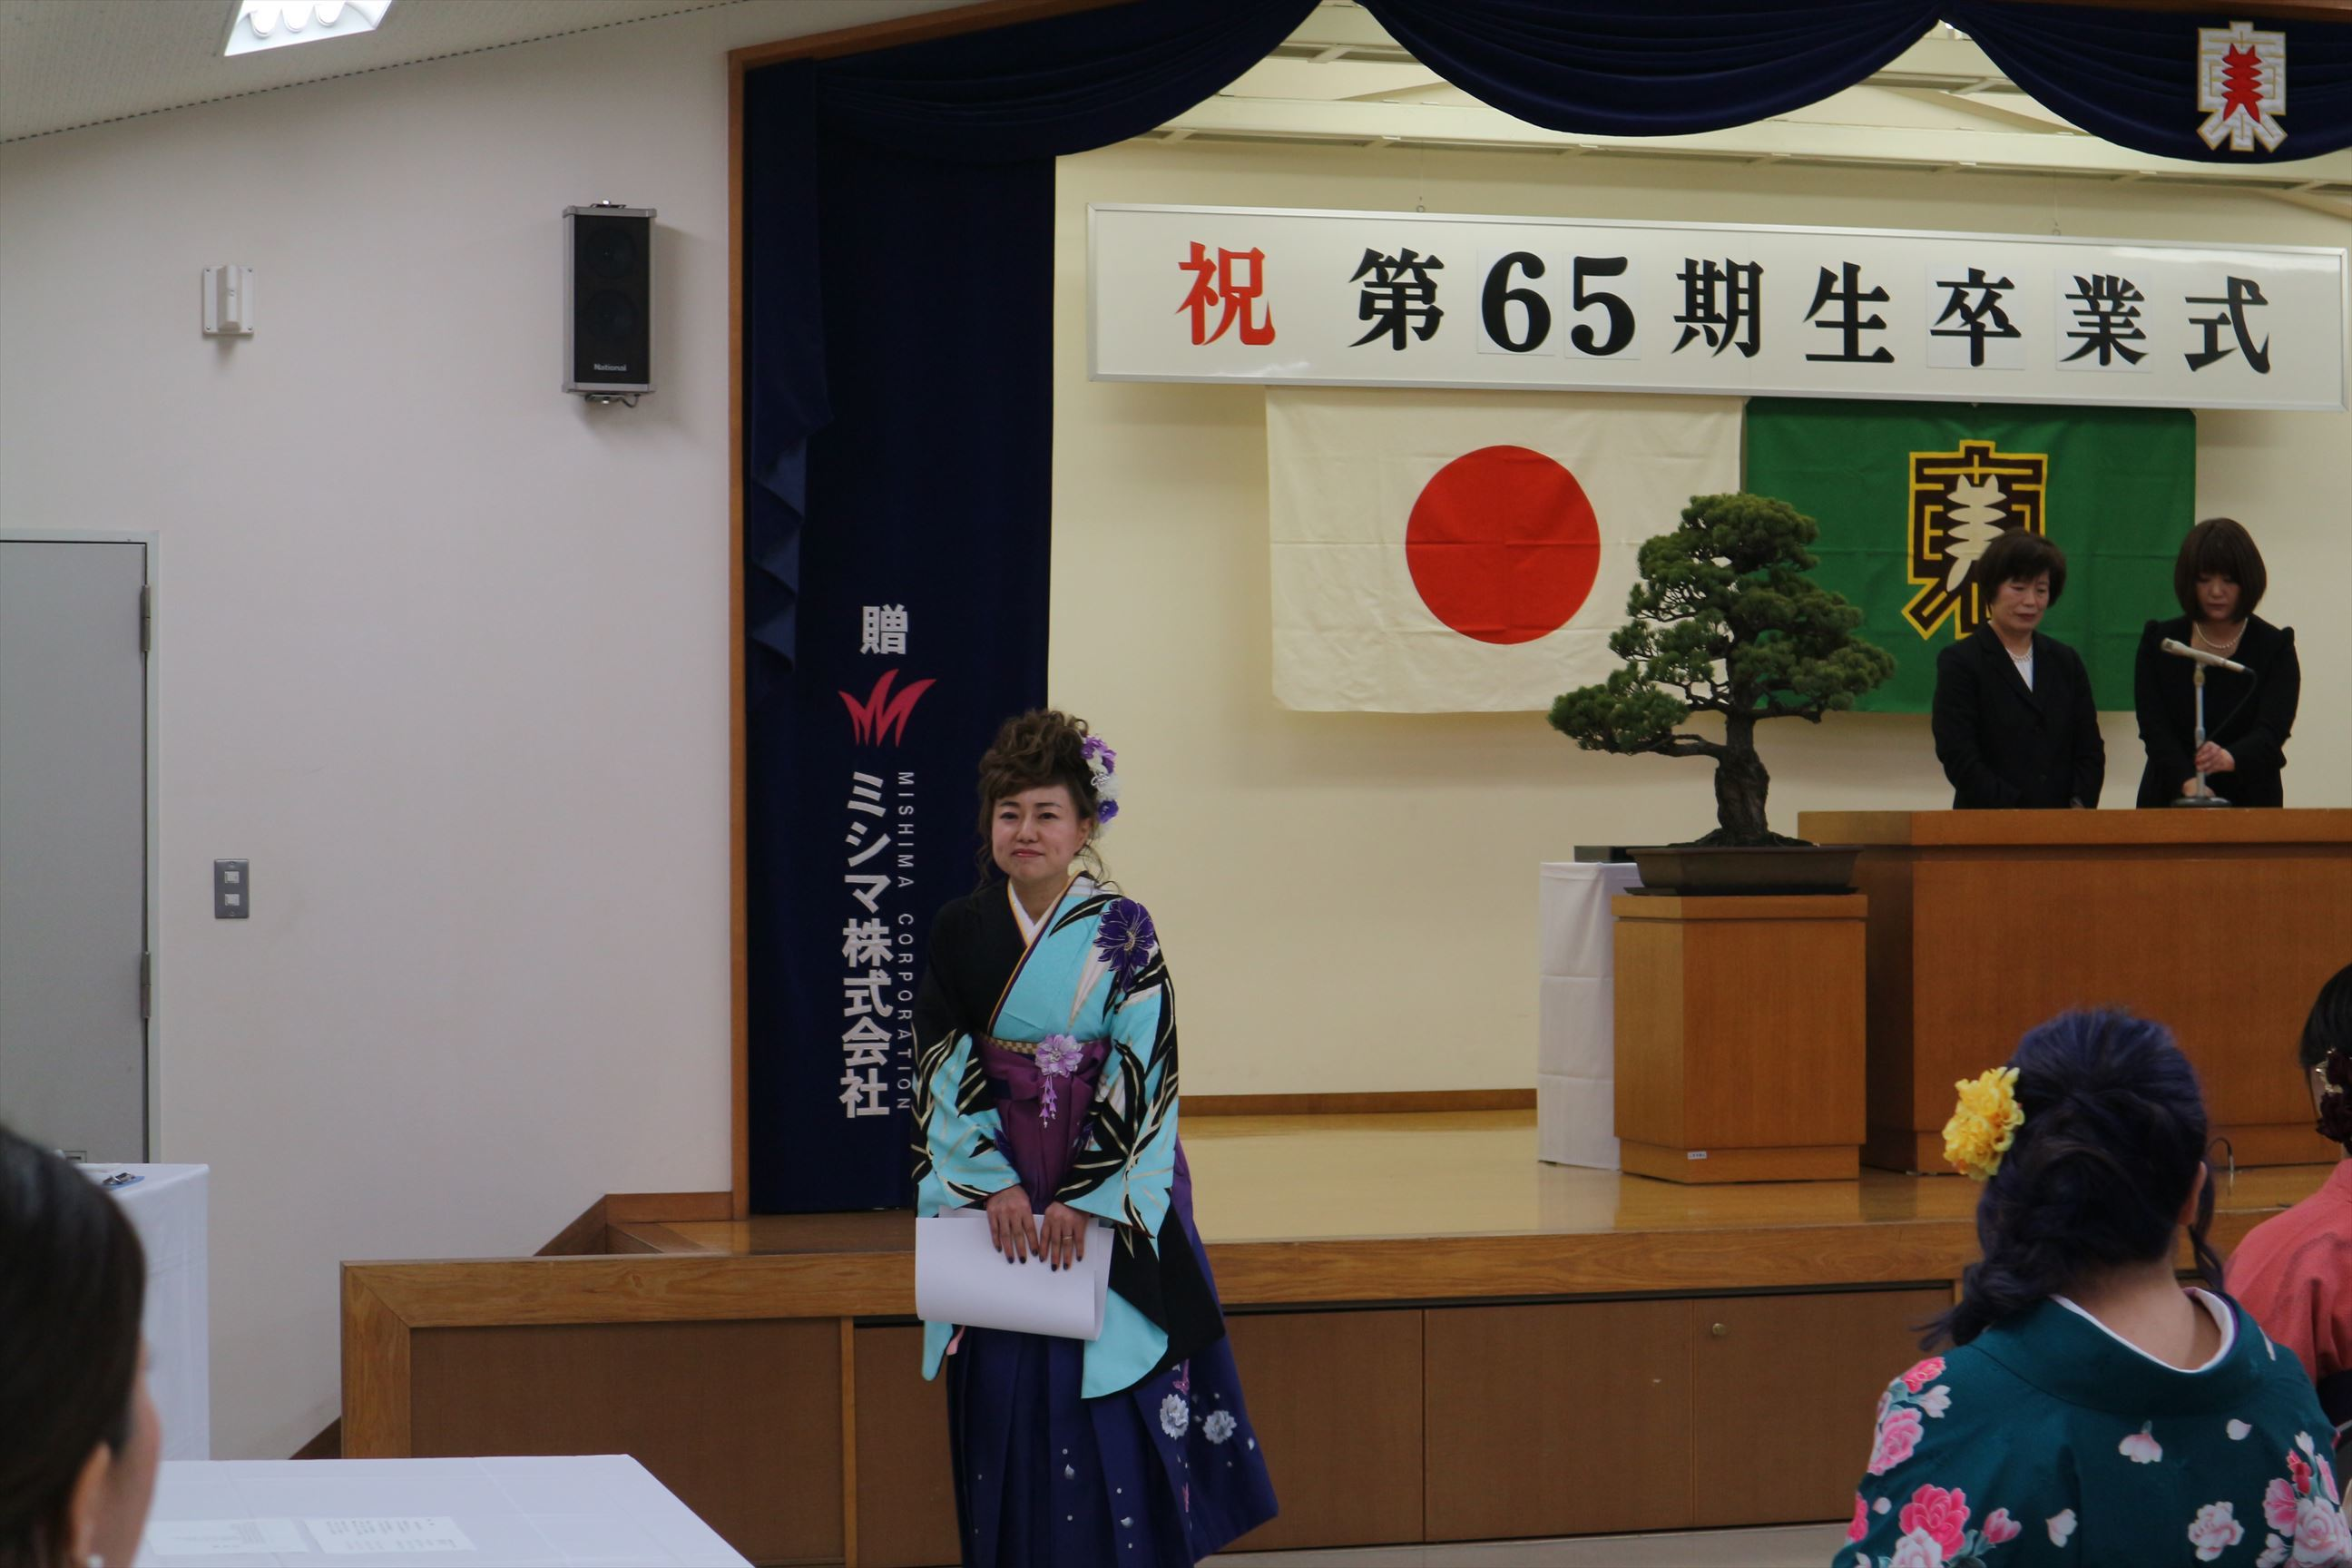 65期卒業式③